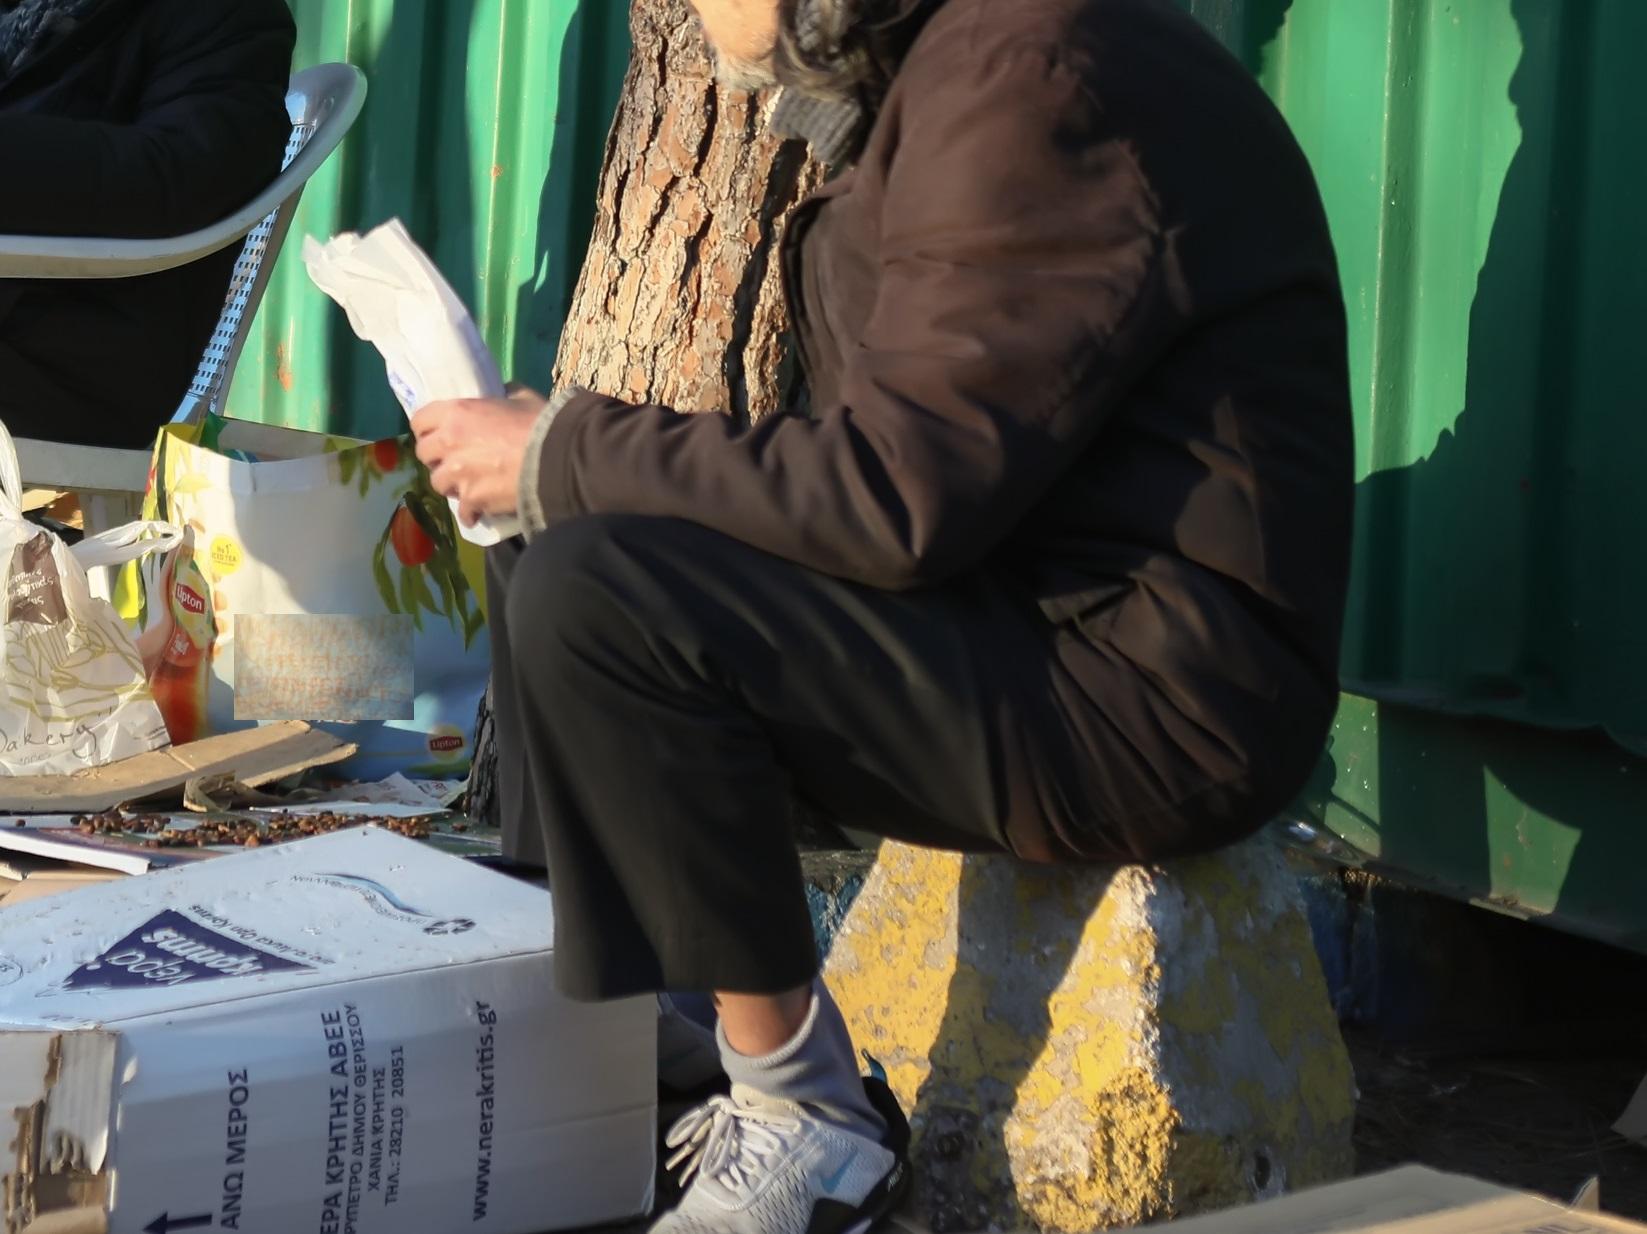 Καύσωνας: Δράση από τον Δήμο Πειραιά για την προστασία των αστέγων από τις υψηλές θερμοκρασίες